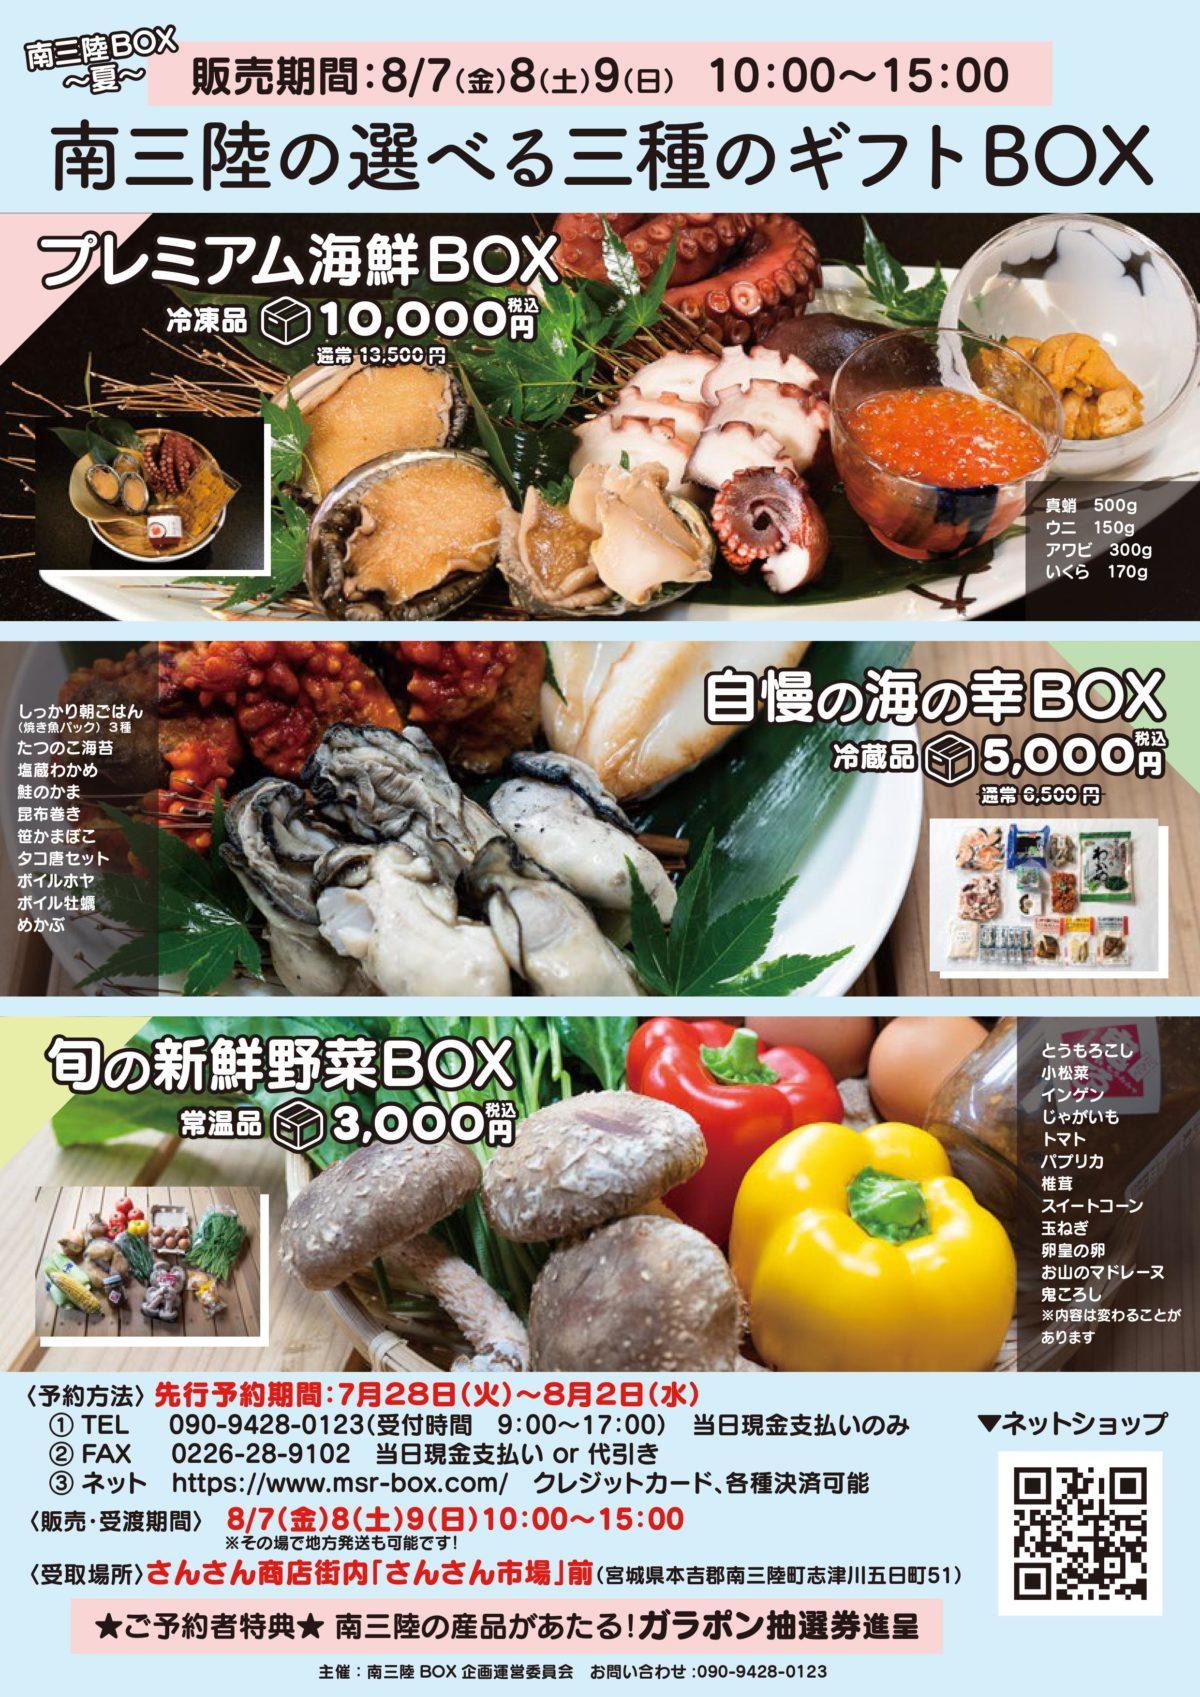 【南三陸BOX〜夏〜】南三陸の選べる三種のギフトBOX販売決定!南三陸の旬がお家で味わえます!